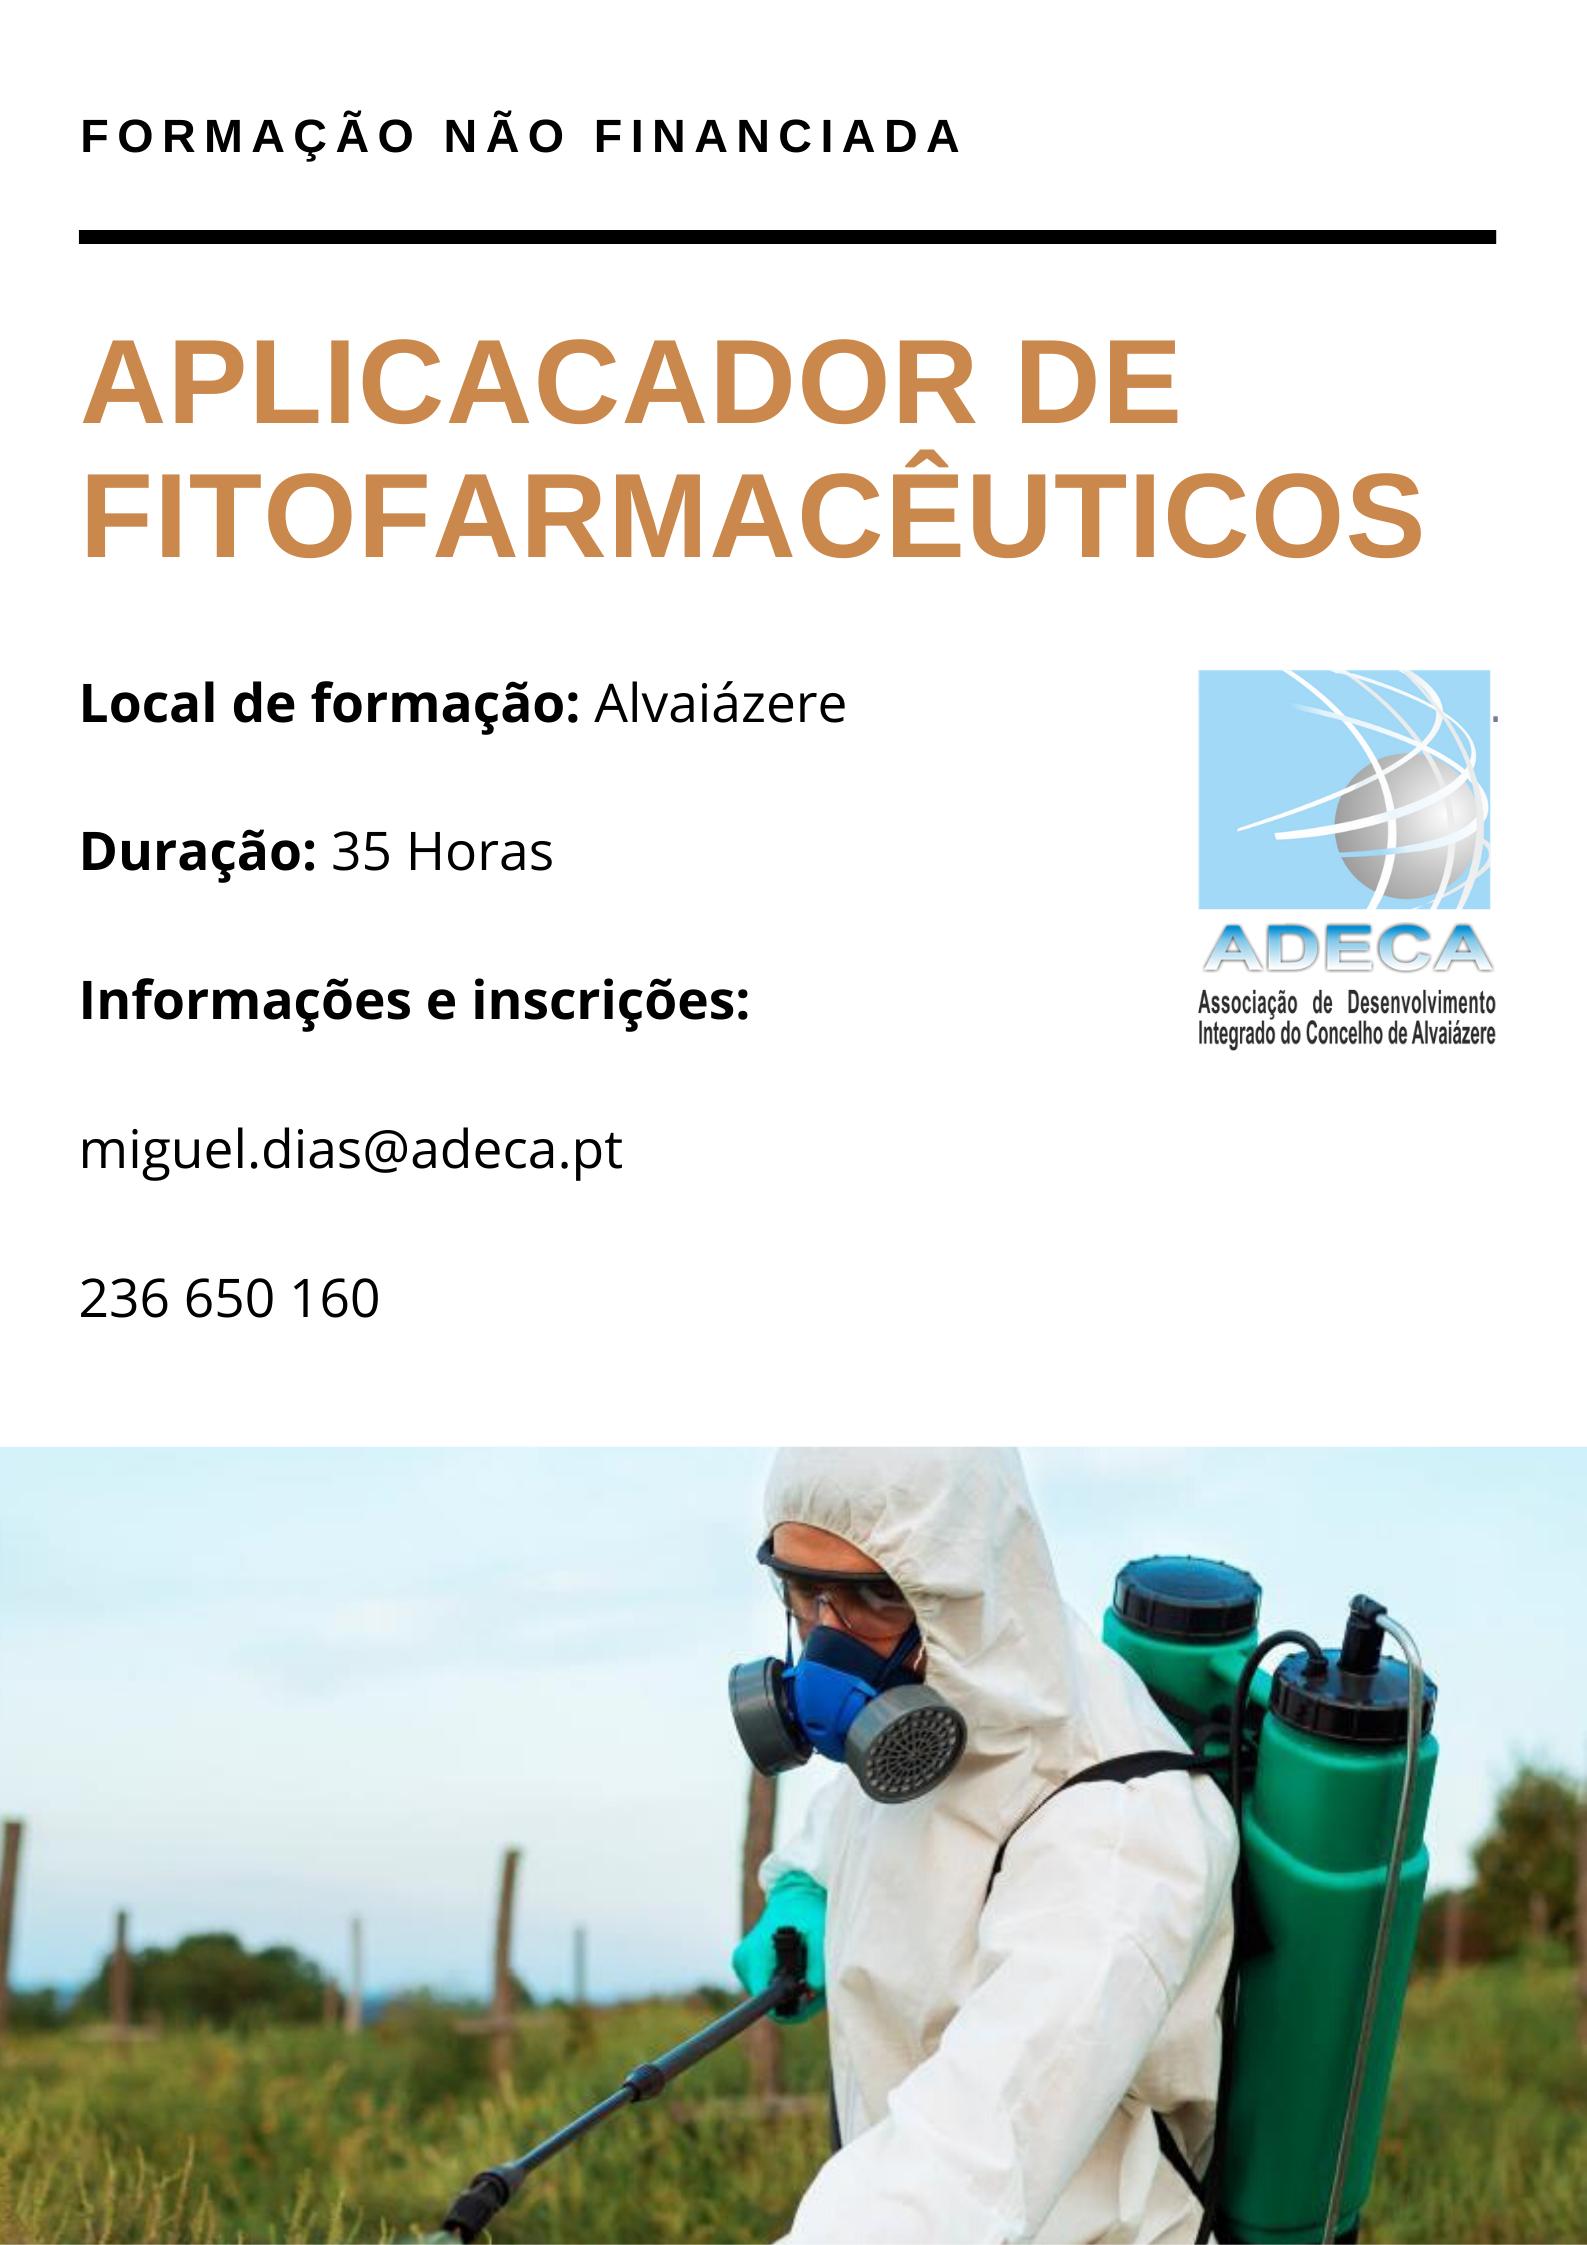 Aplicador de fitofarmacêuticos